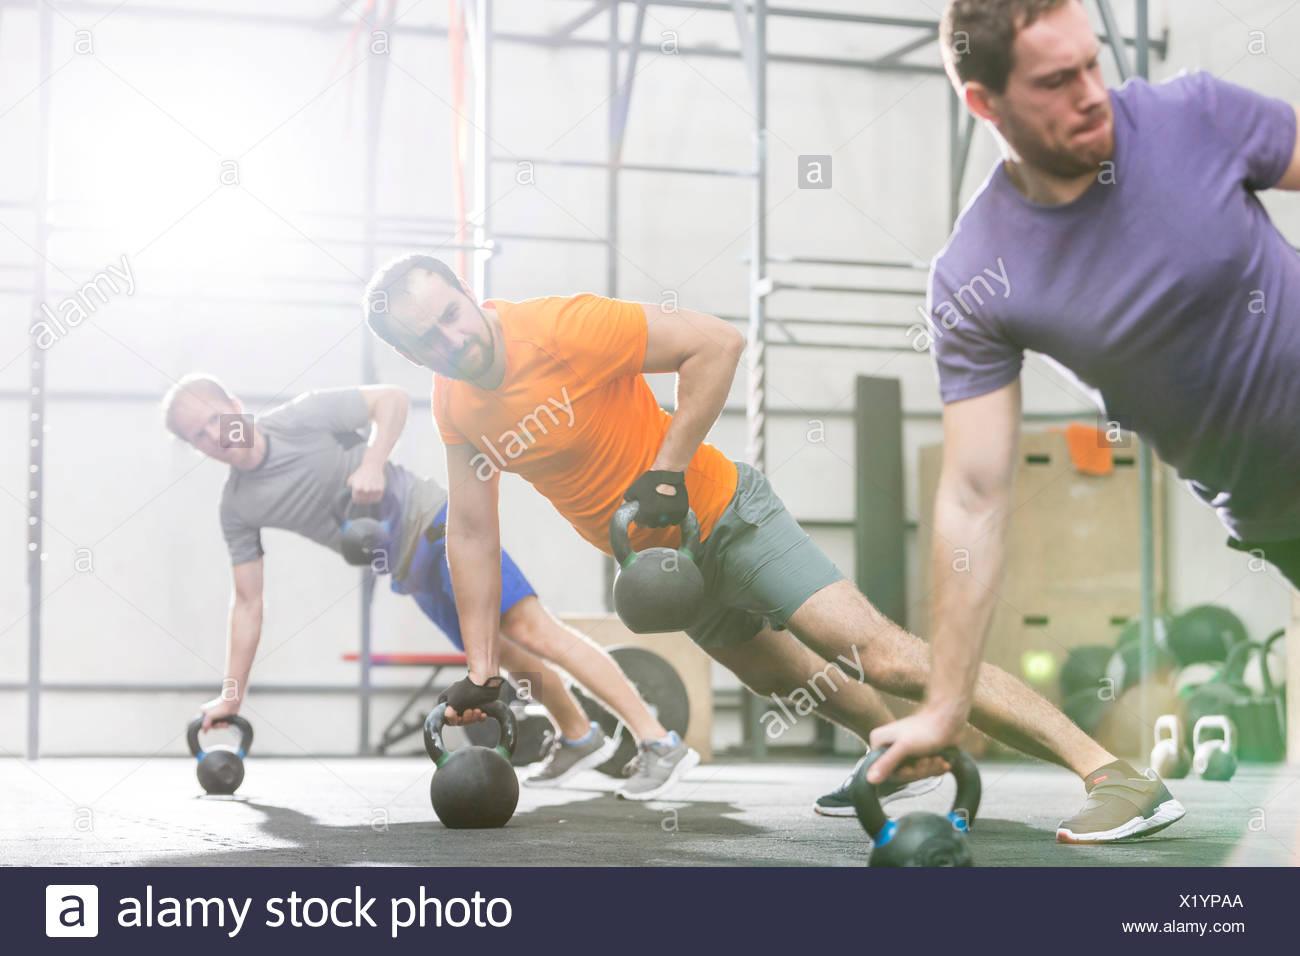 Les hommes l'entraînement avec kettlebells dans sport crossfit Photo Stock